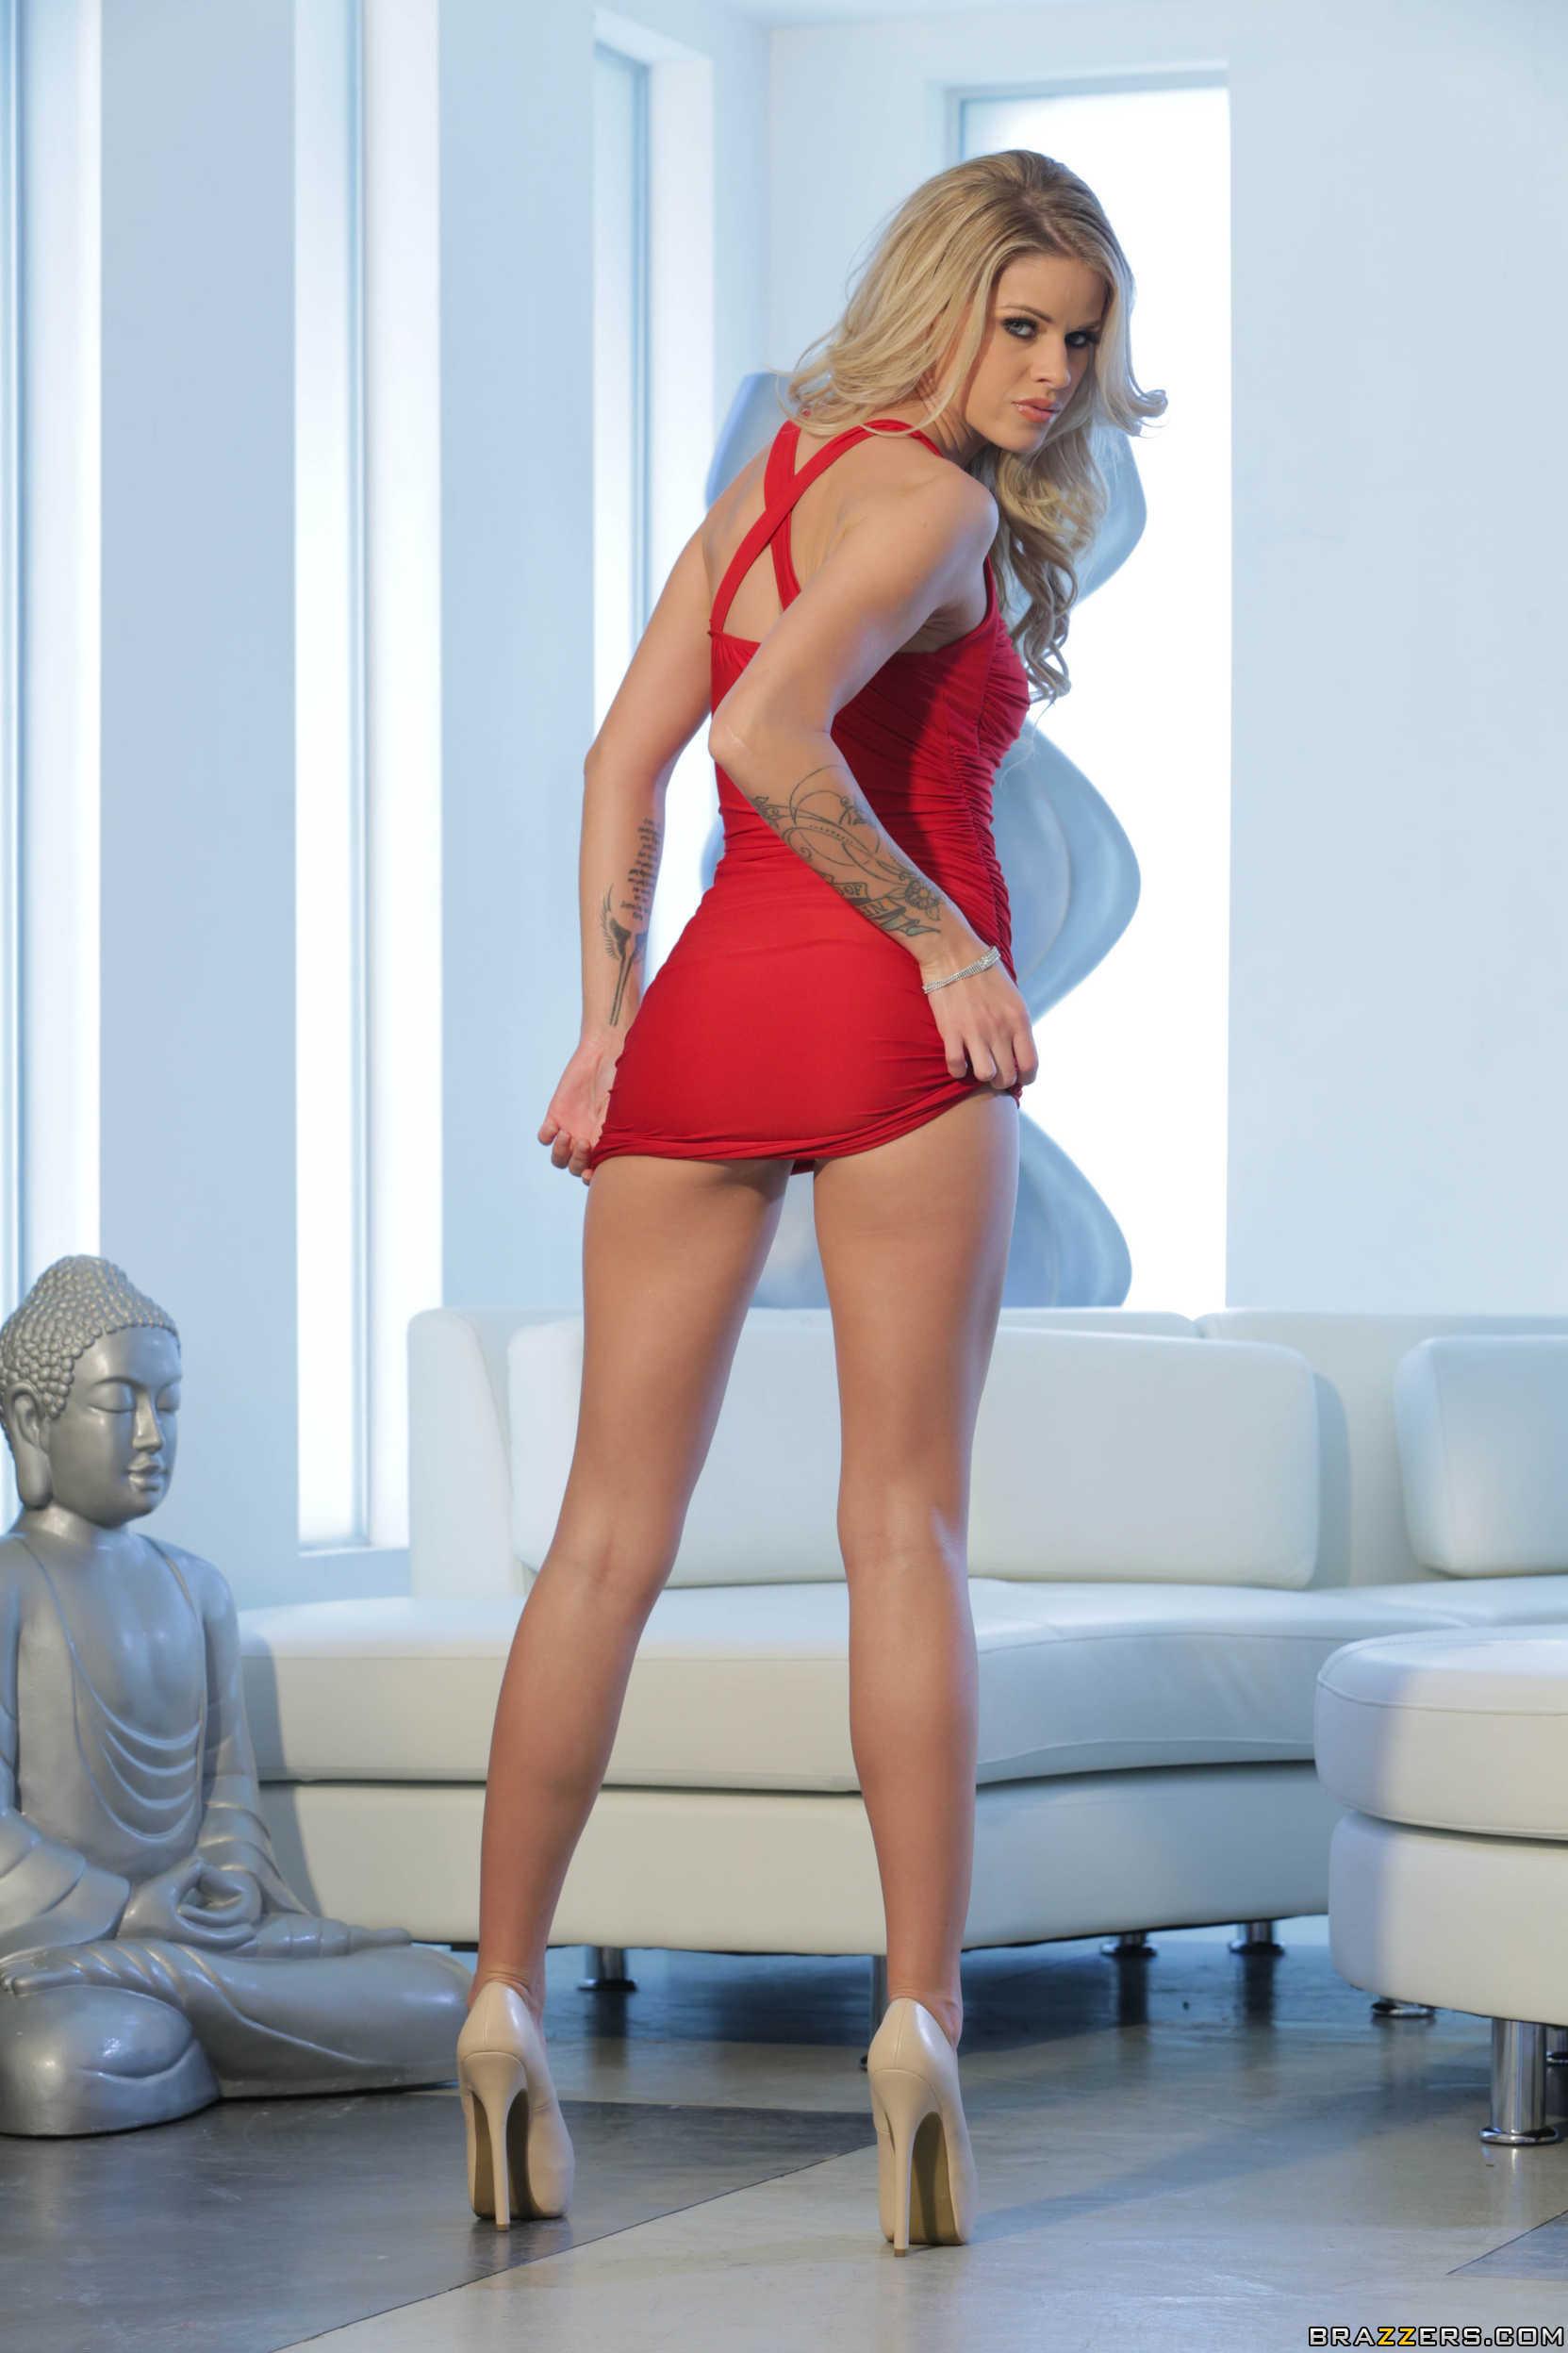 Jessa Rhodes - el arte de mostrar la vagina